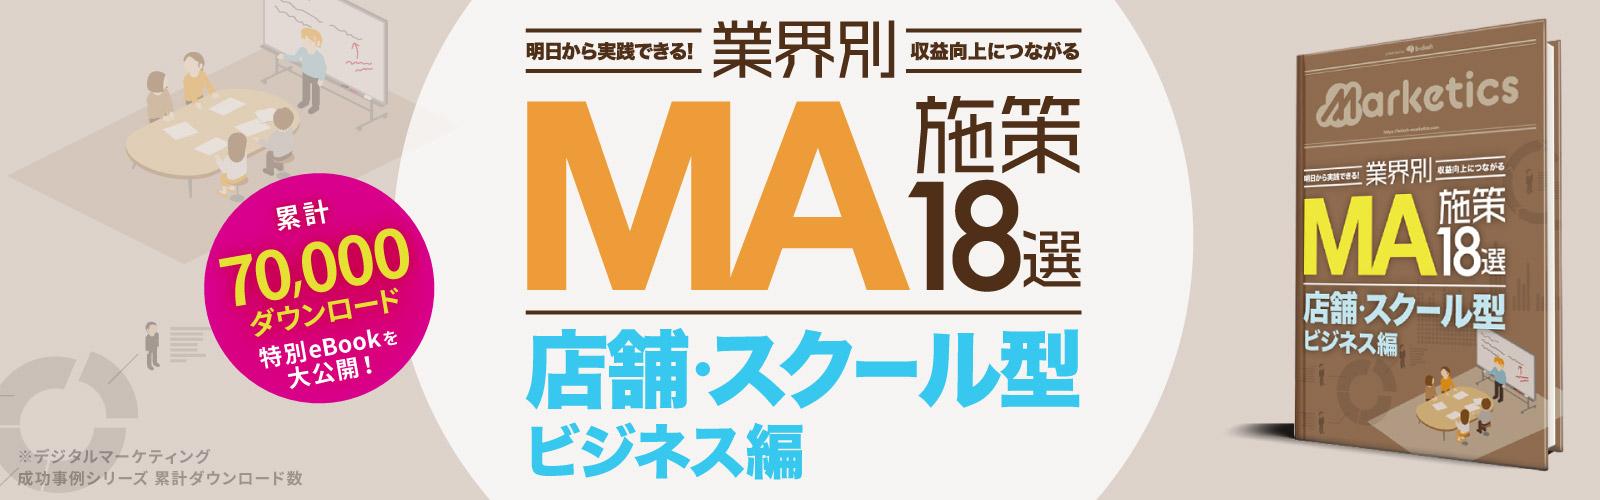 業界別MA施策18選<br /> 「店舗/スクール型ビジネス編」